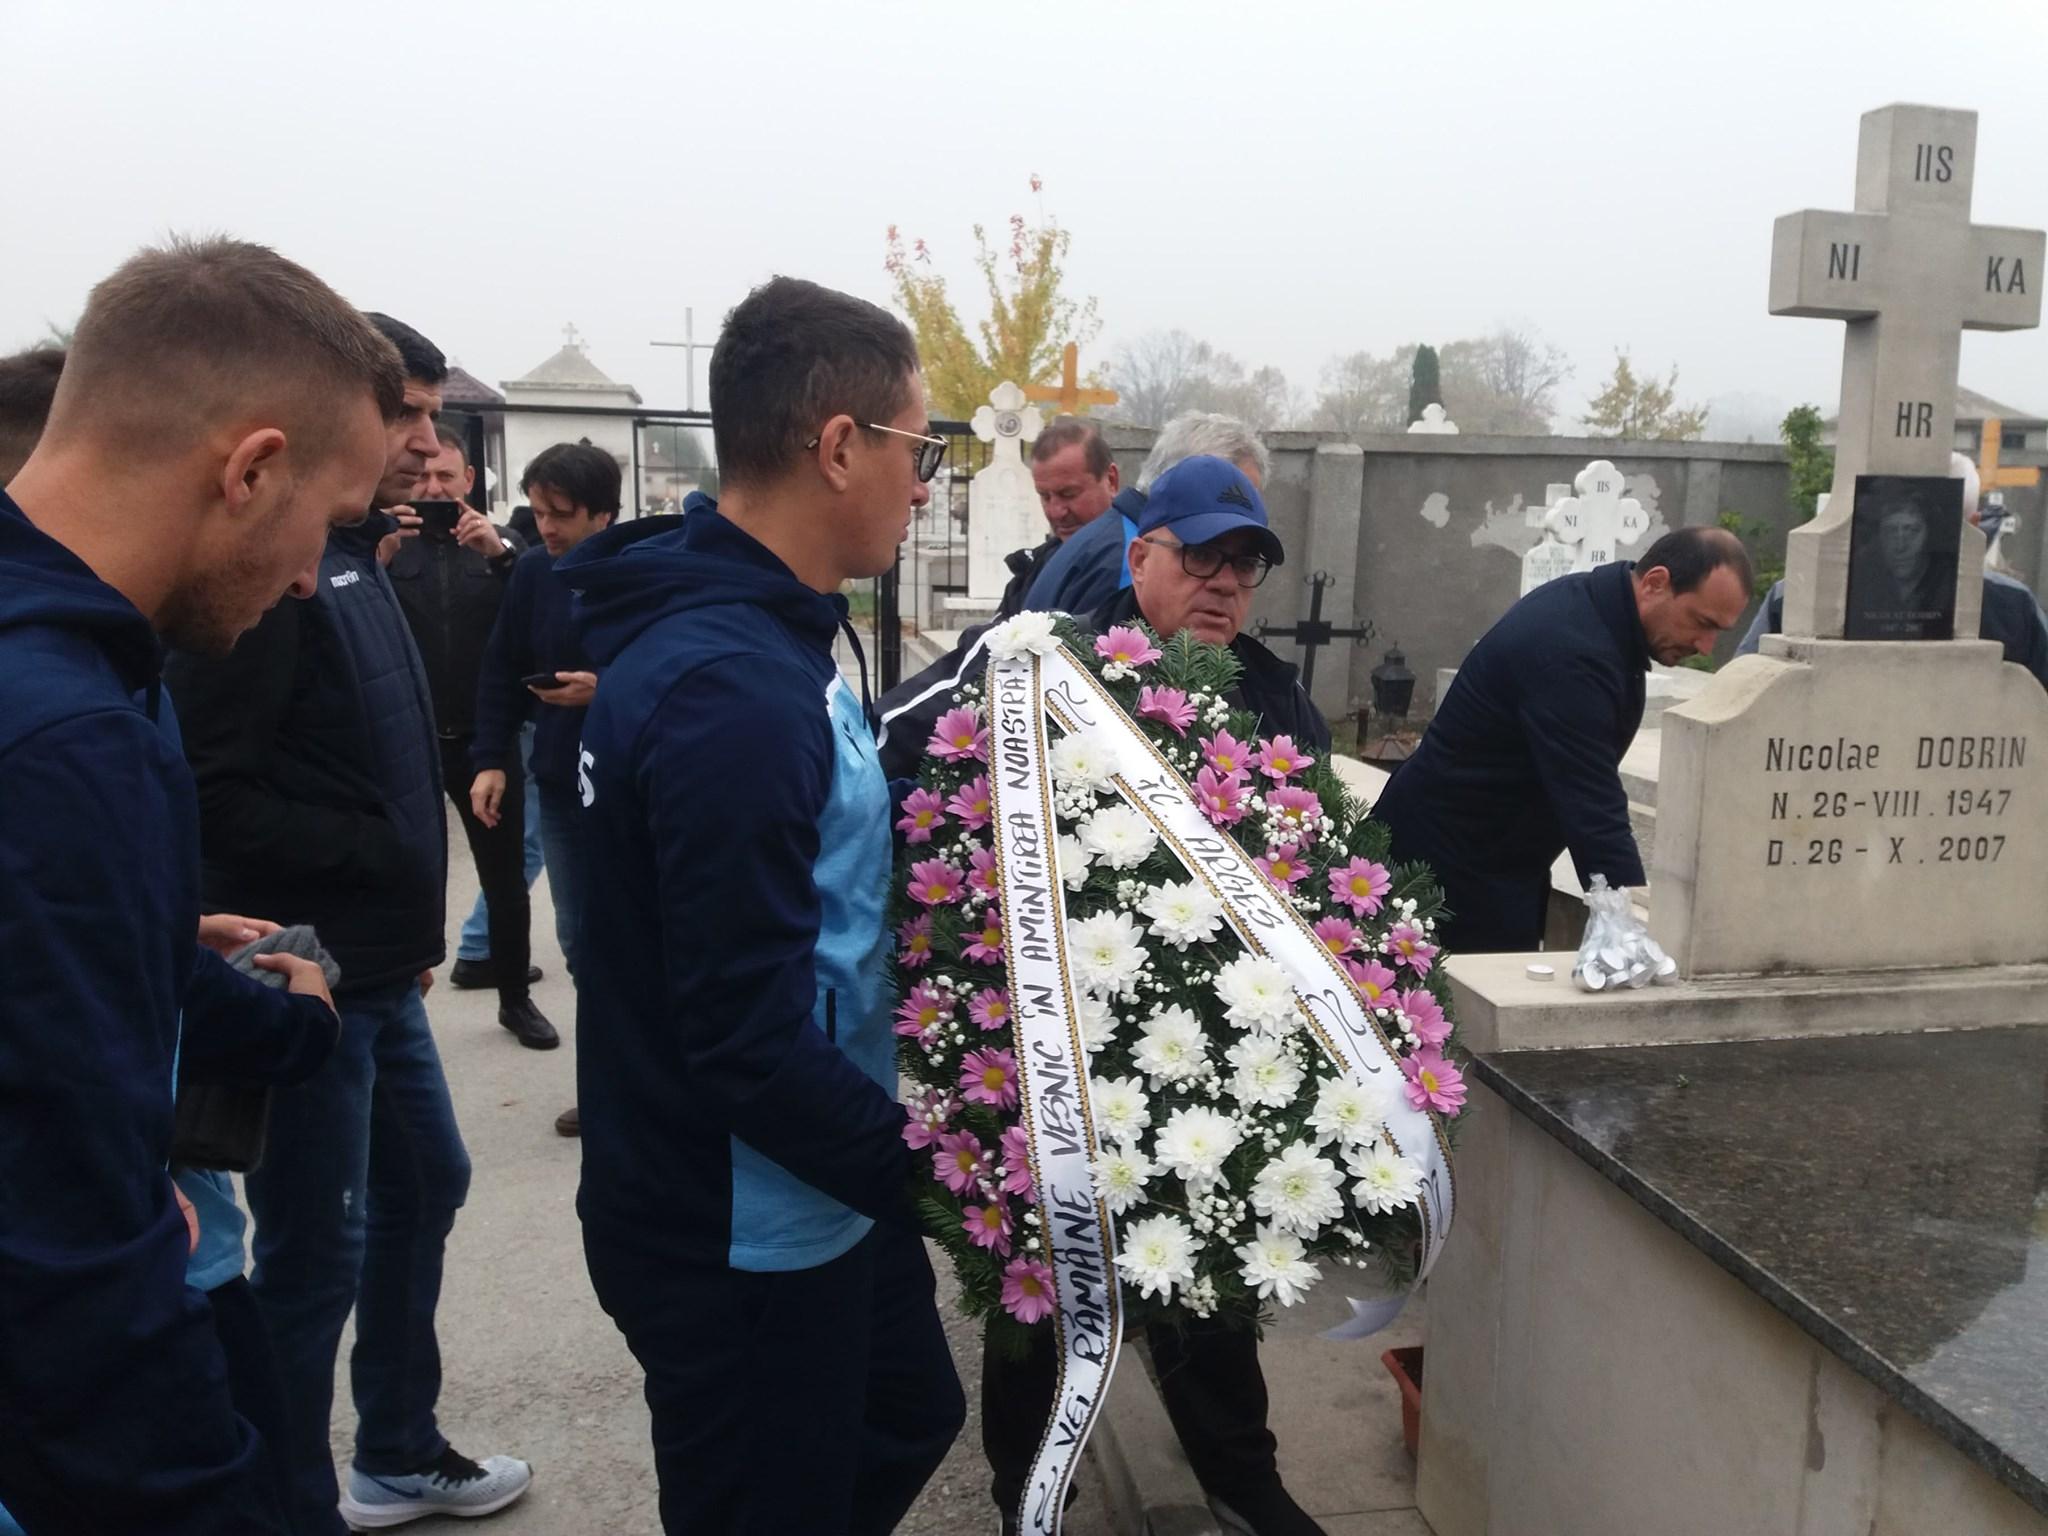 Nicolae Dobrin a fost comemorat astăzi, la 12 ani de la trecerea sa în neființă